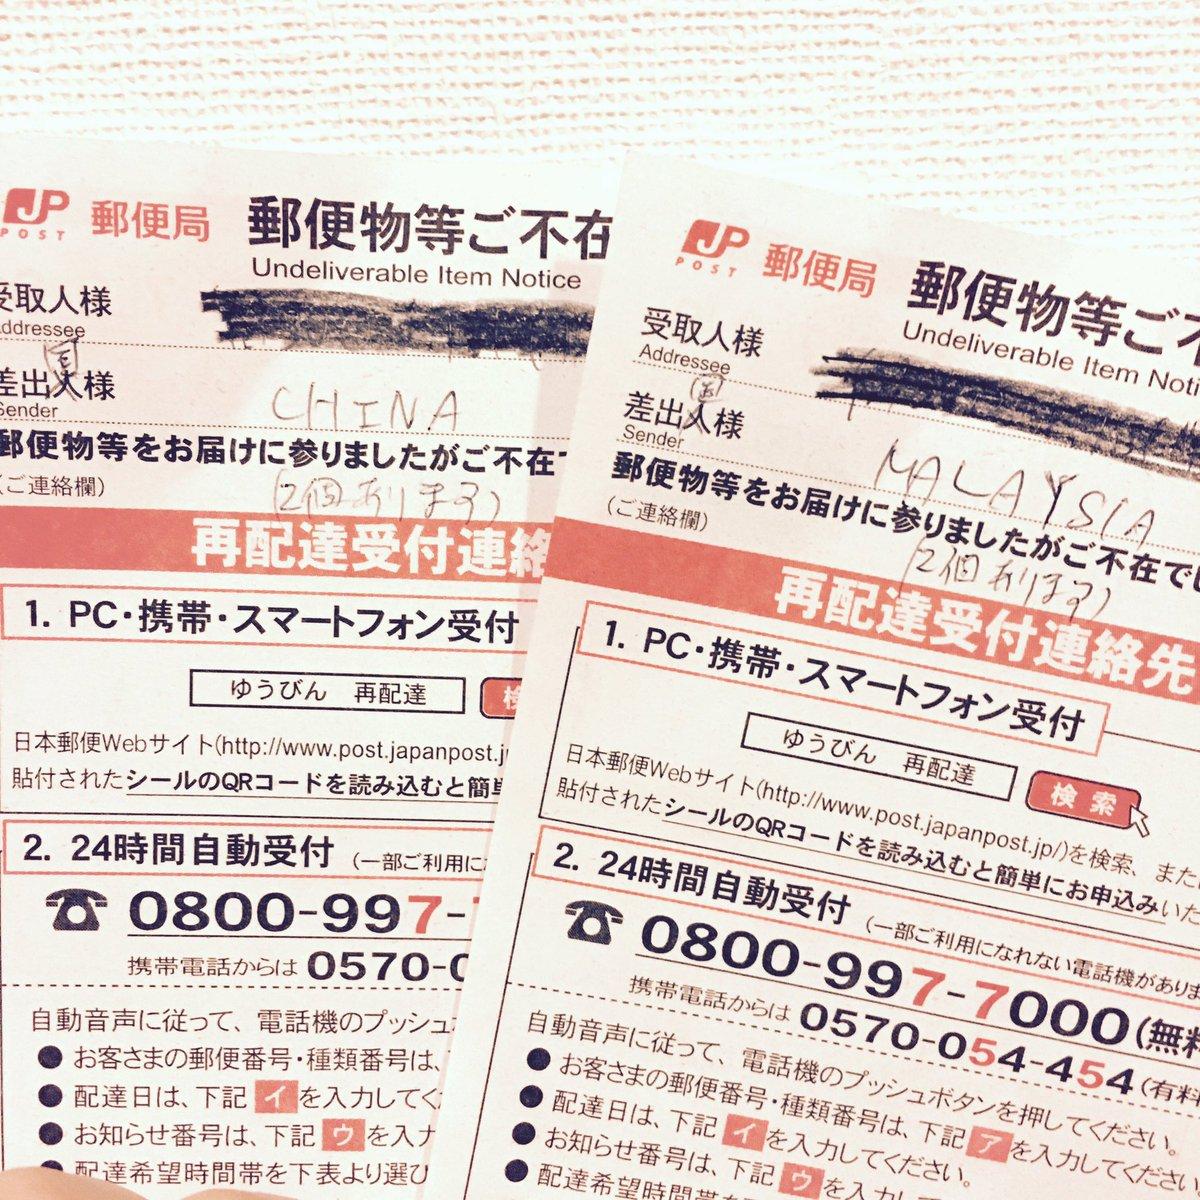 局 票 郵便 不在 日本郵便(郵便局?)の配達員の方がインターホン鳴らさず不在届も入れず